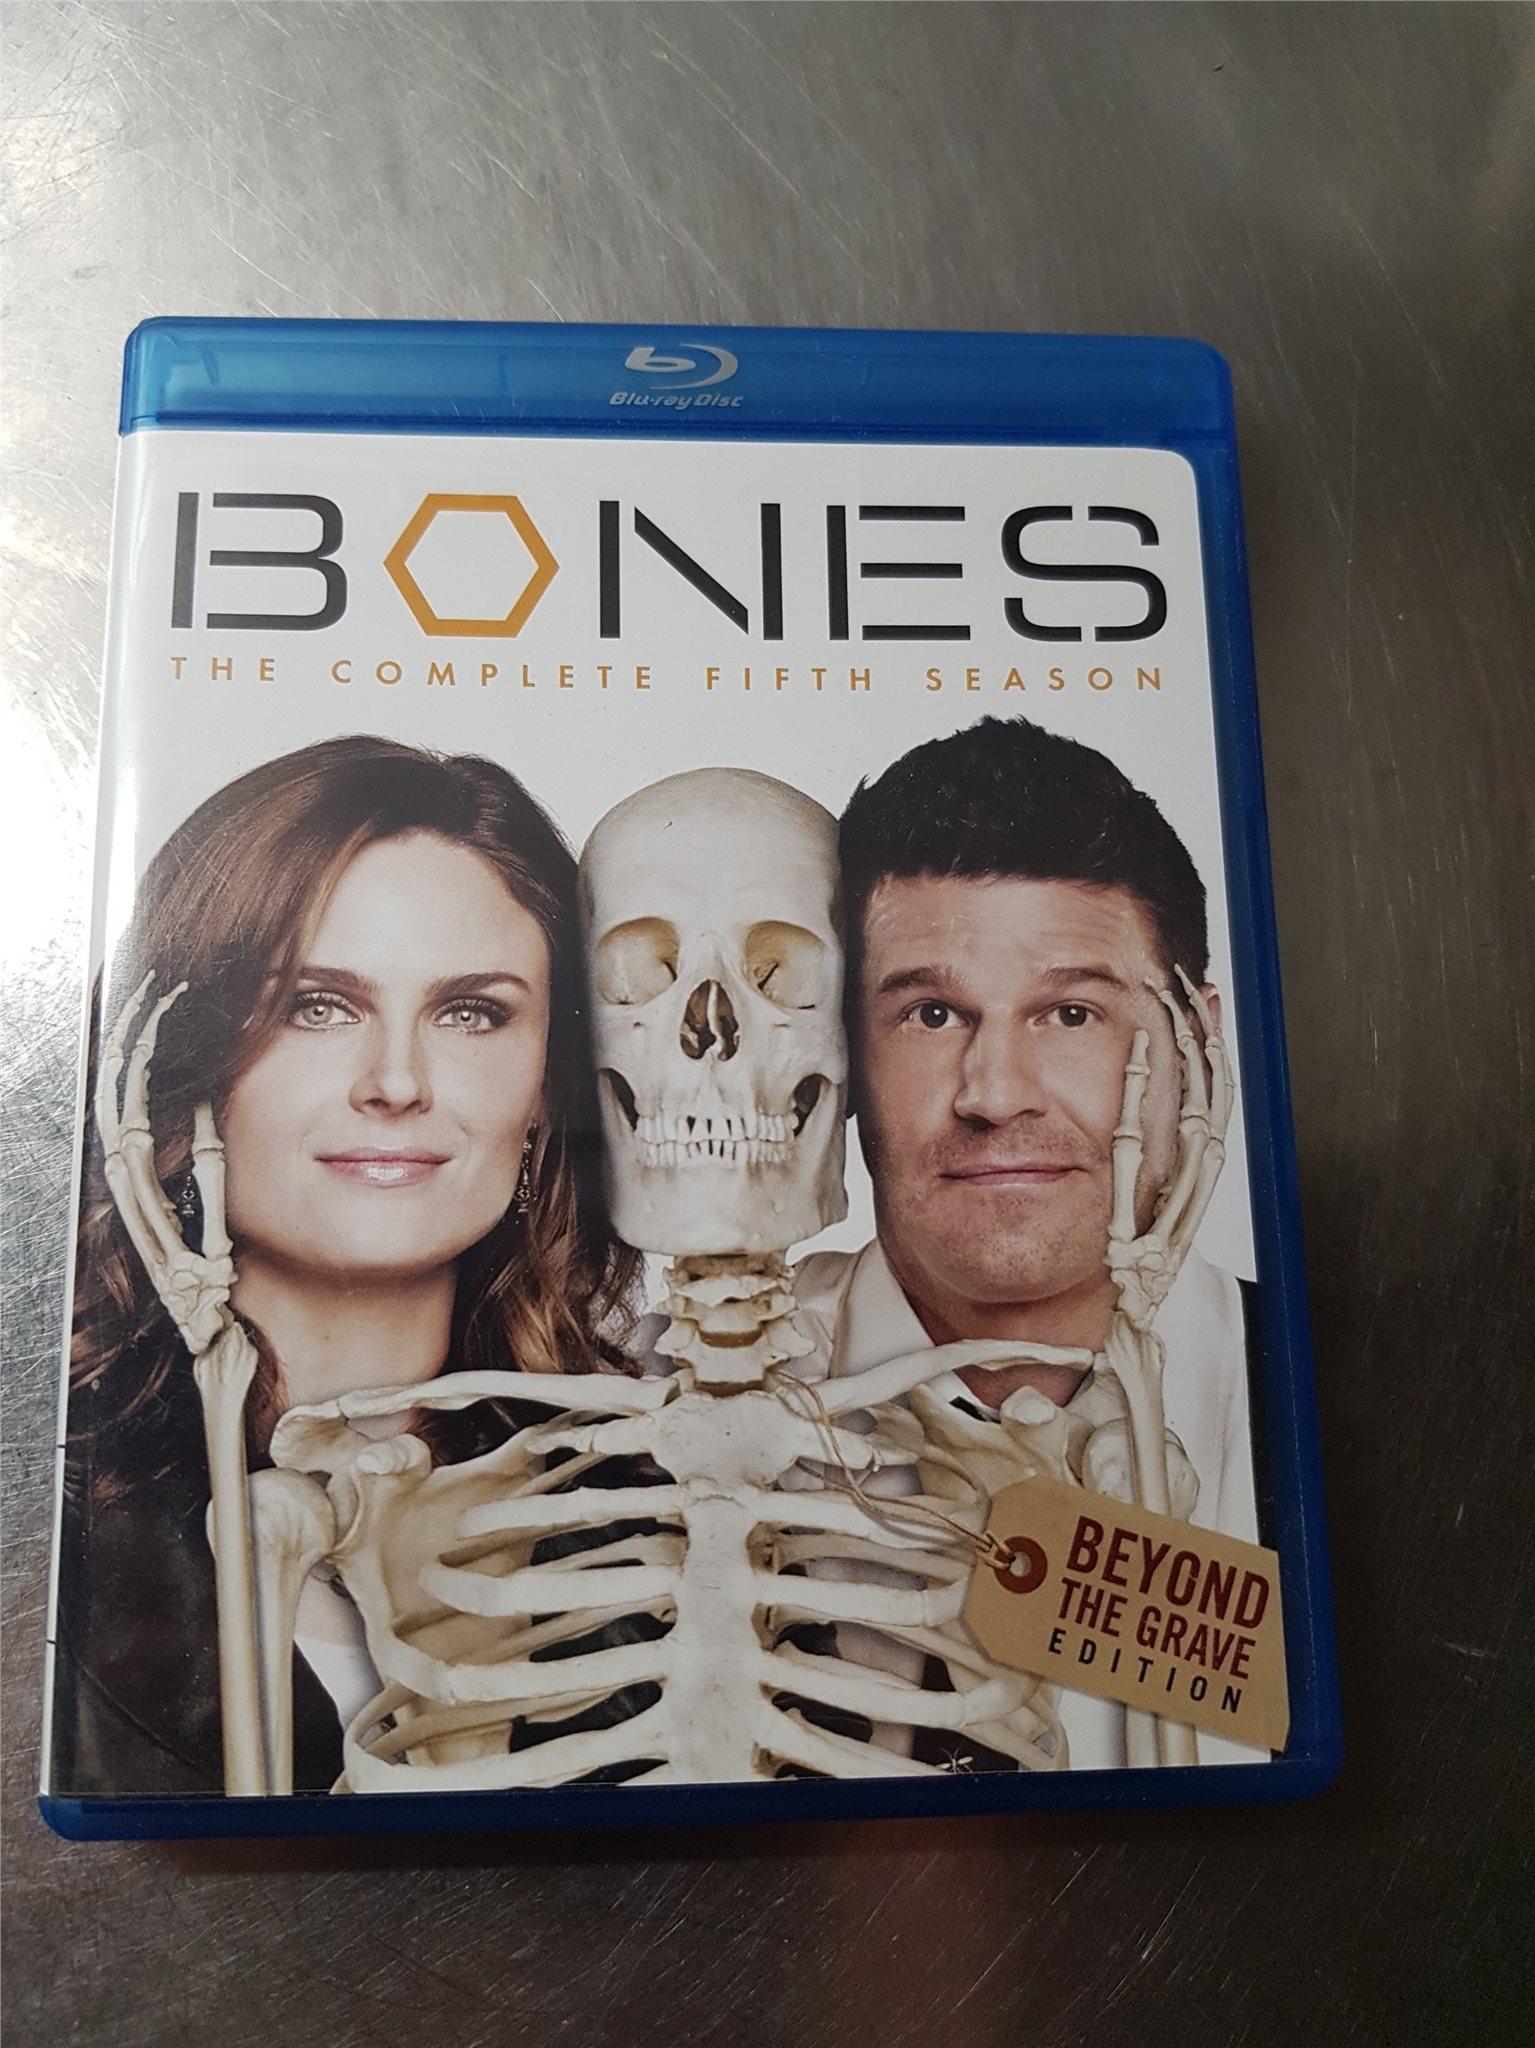 Bones - Season 5 - Region A (USA) (343652339) ᐈ Köp på Tradera